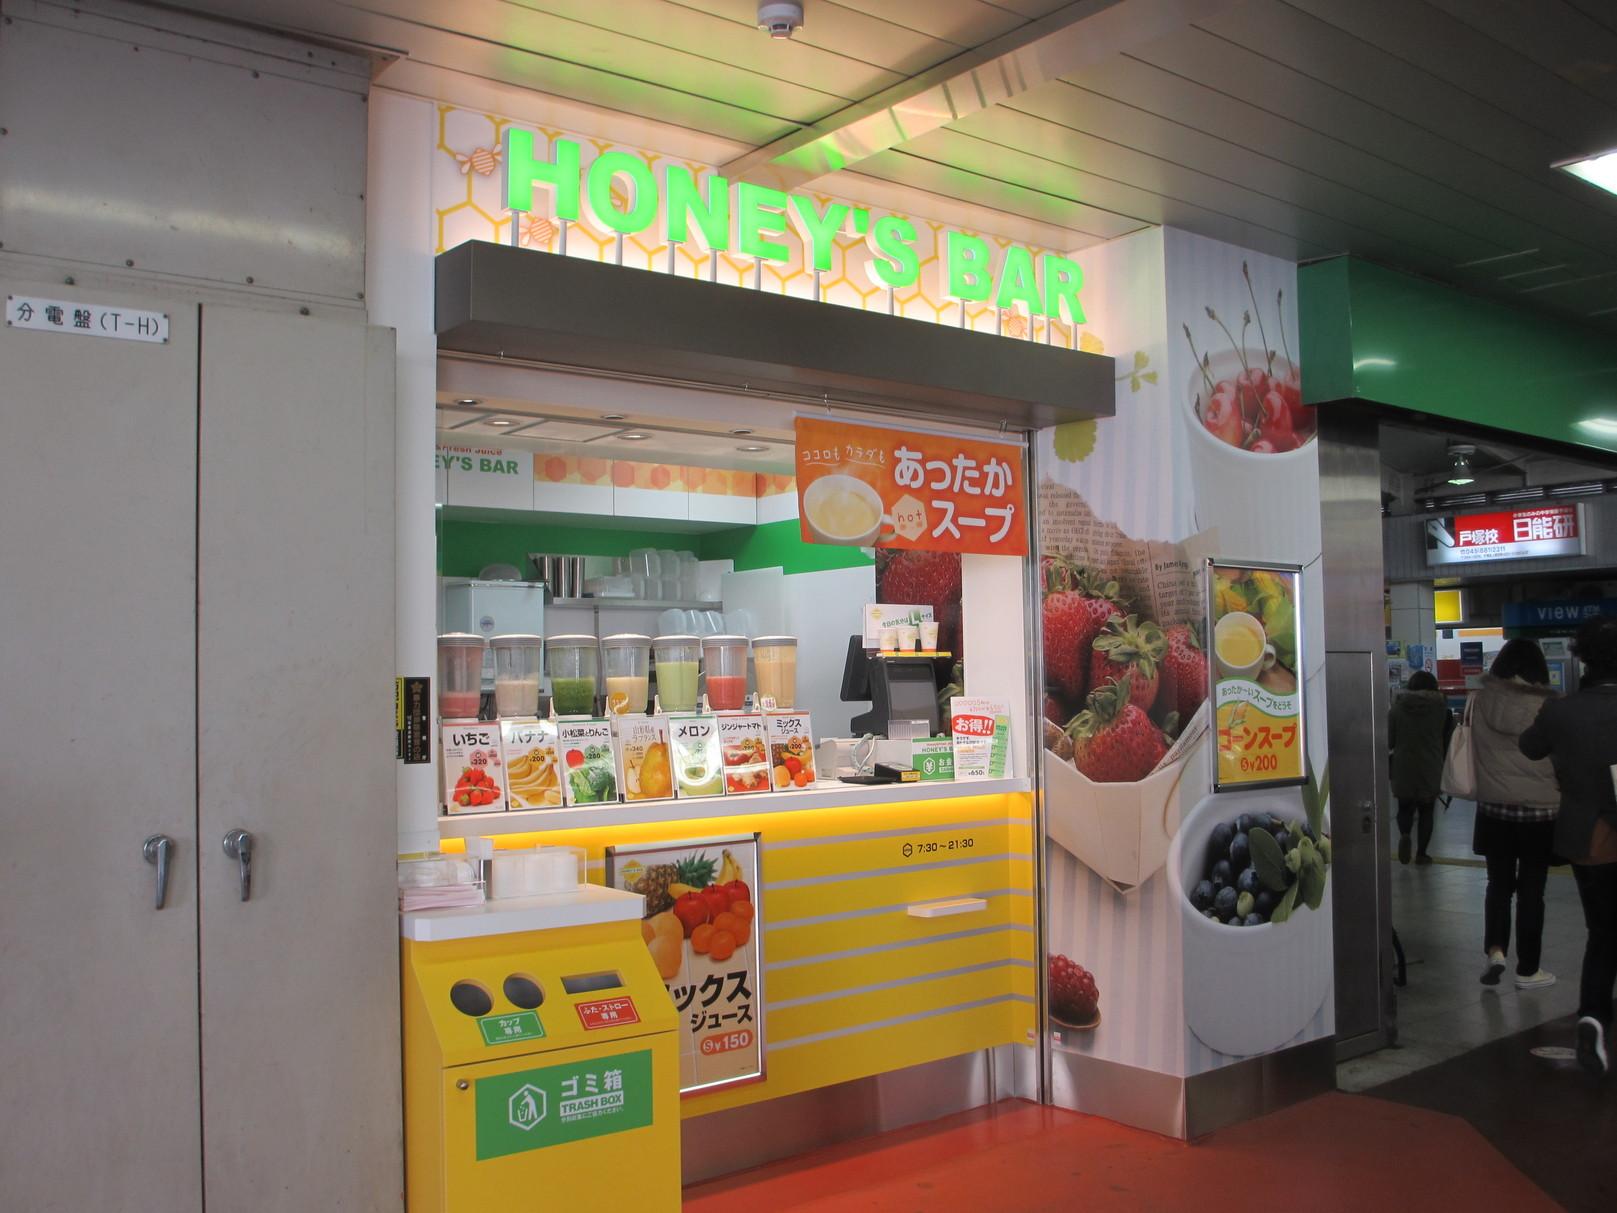 ハニーズバー 戸塚店